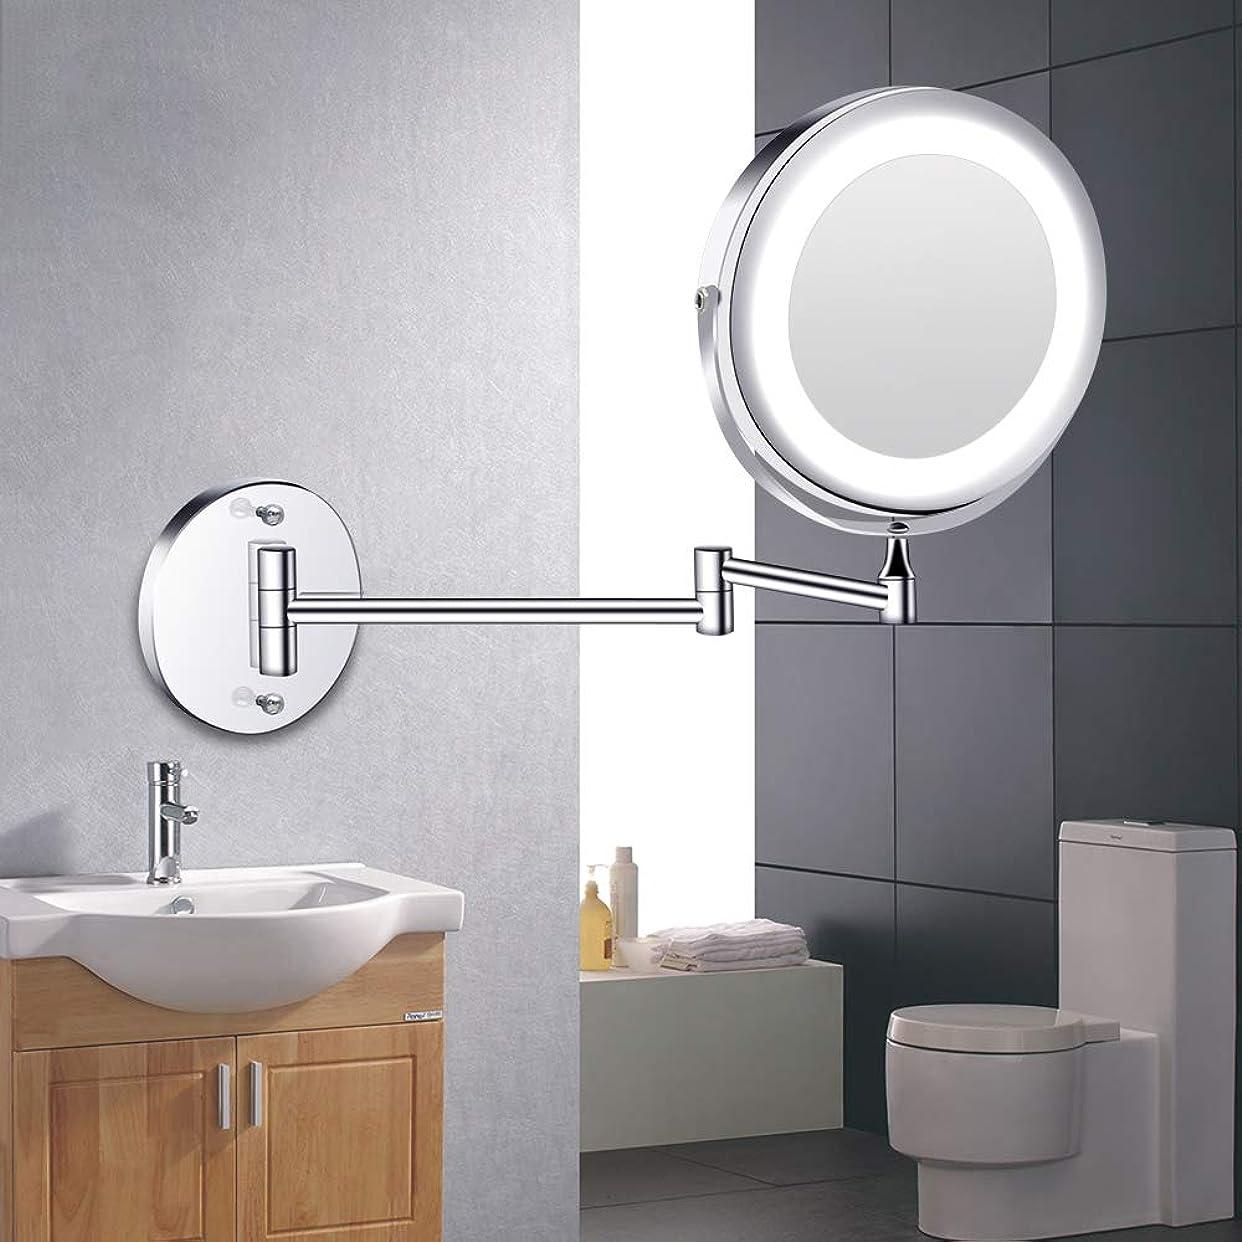 アフリカ人神経衰弱ライラックLEDライト折りたたみ壁付き化粧鏡バニティミラー1x 10x拡大両面タッチ明るい調節可能なバスルームミラー